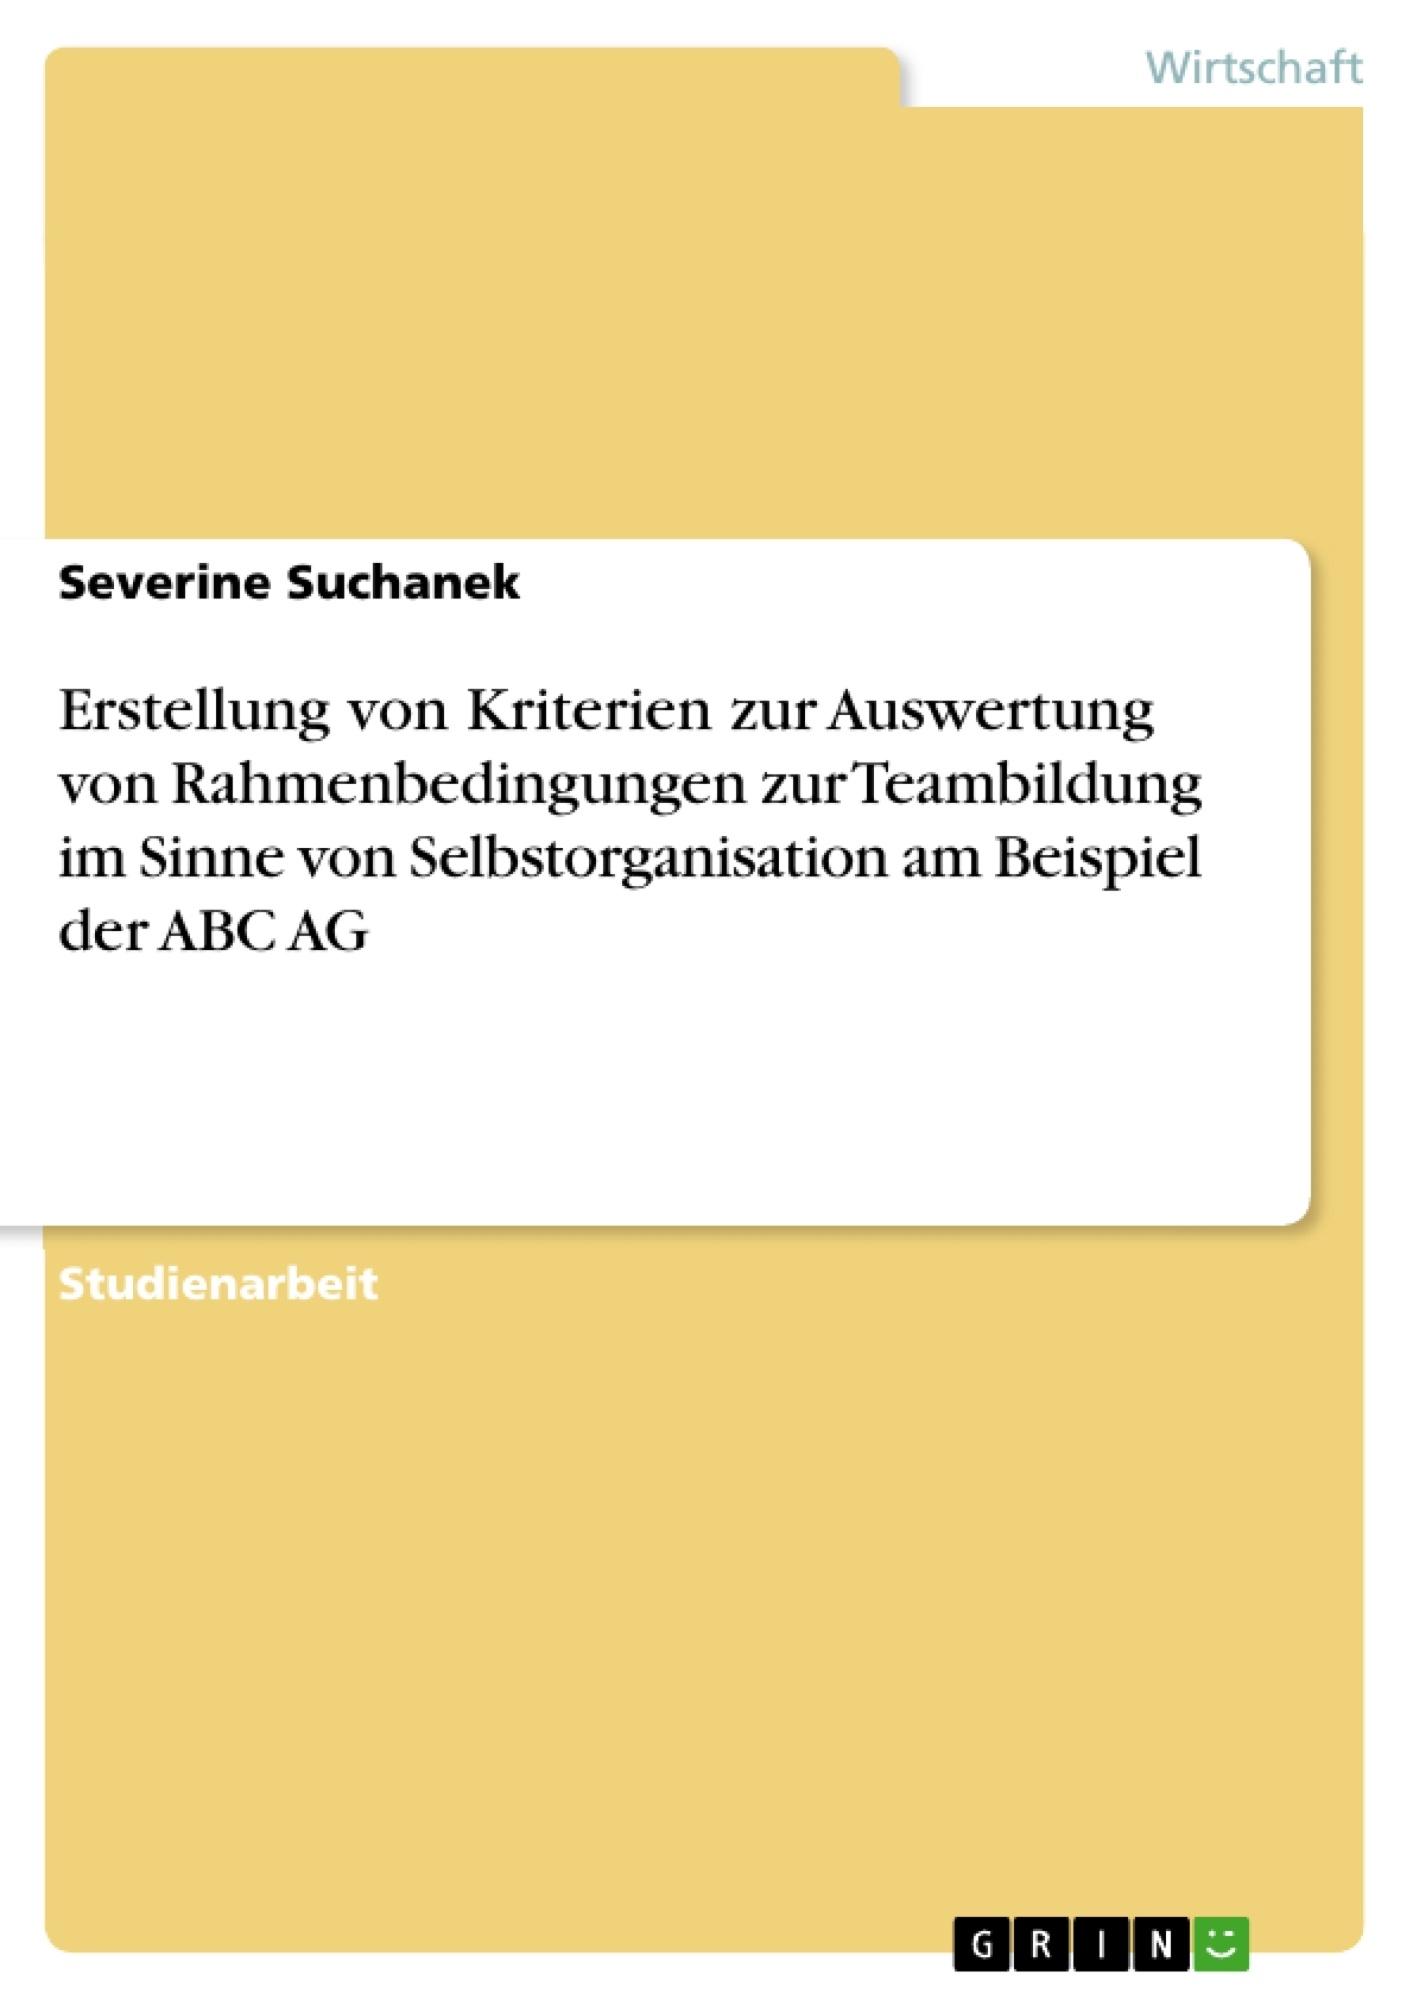 Titel: Erstellung von Kriterien zur Auswertung von Rahmenbedingungen zur Teambildung im Sinne von Selbstorganisation am Beispiel der ABC AG